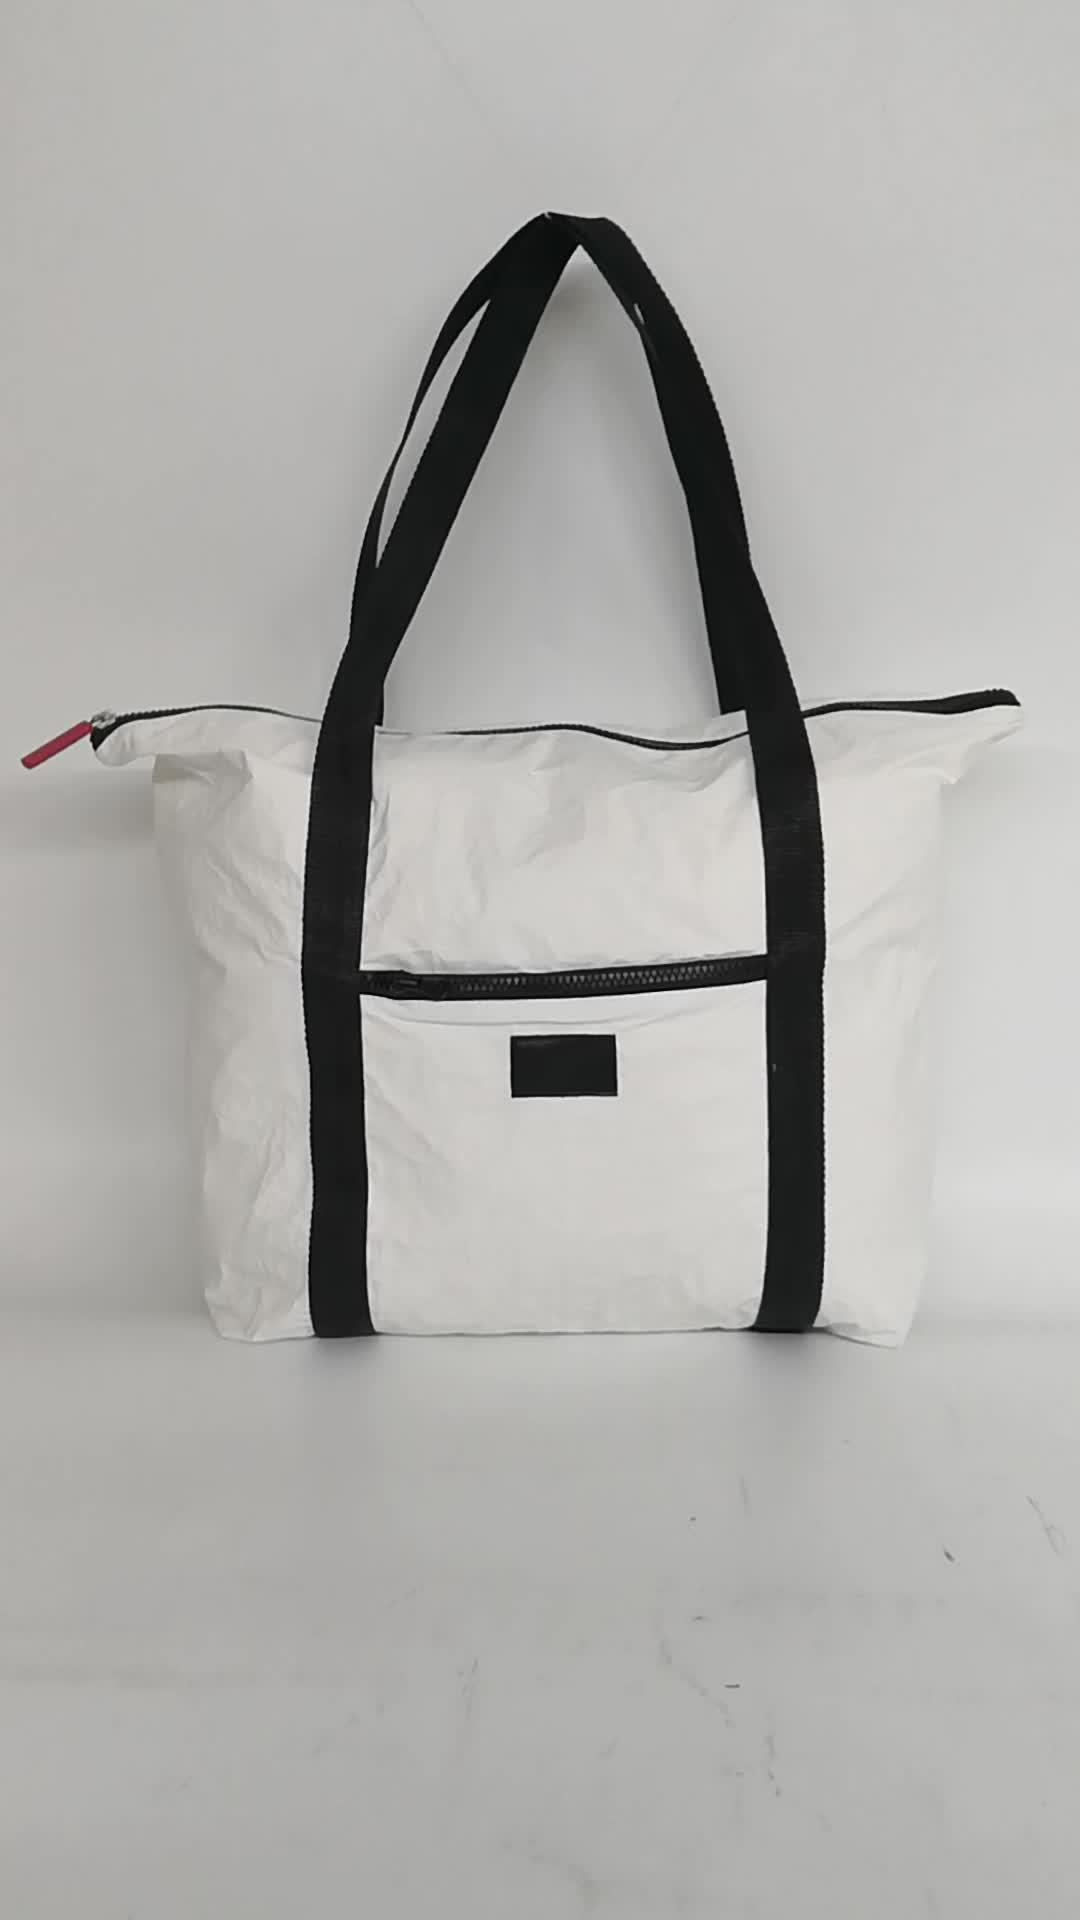 washnable paper bag waterproof shopping tote bags tyvek bag